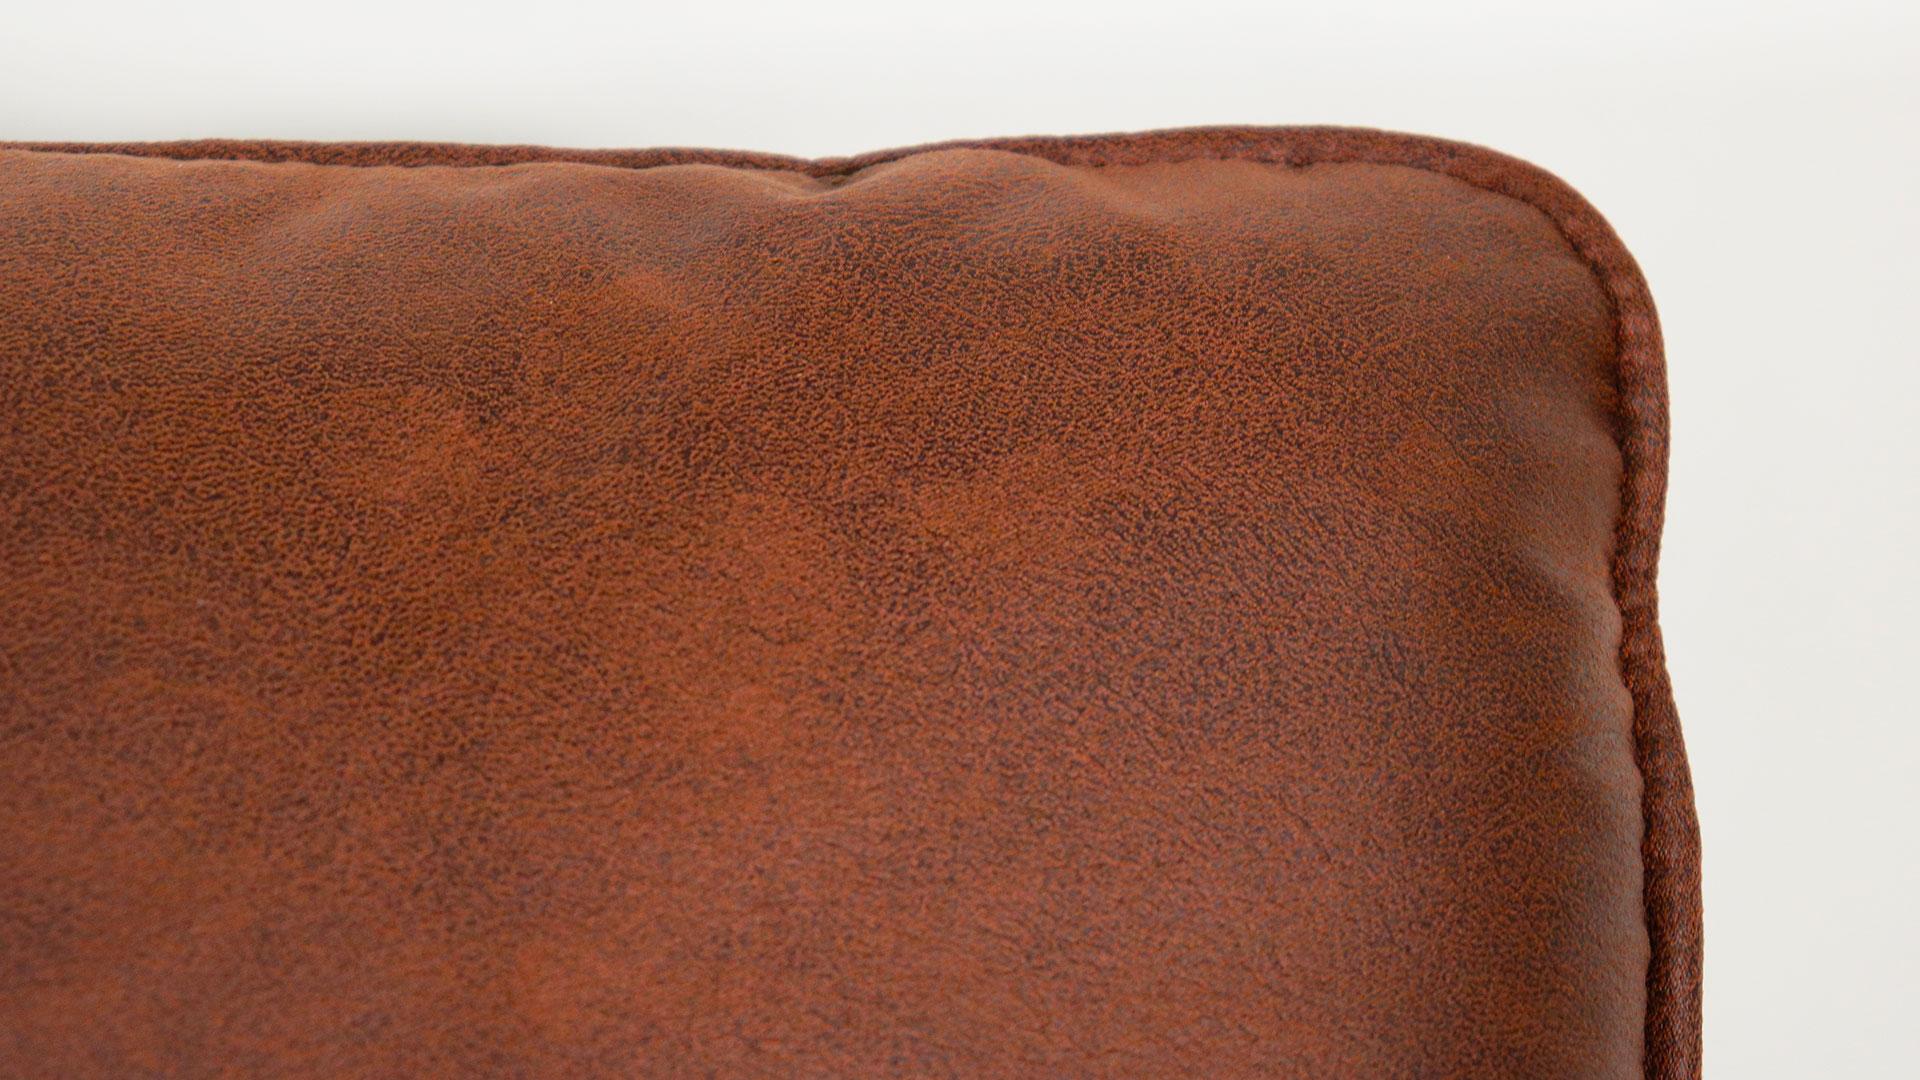 ゆったりと座れるask-inのカウチソファ「モラレス」のクッションの角の画像